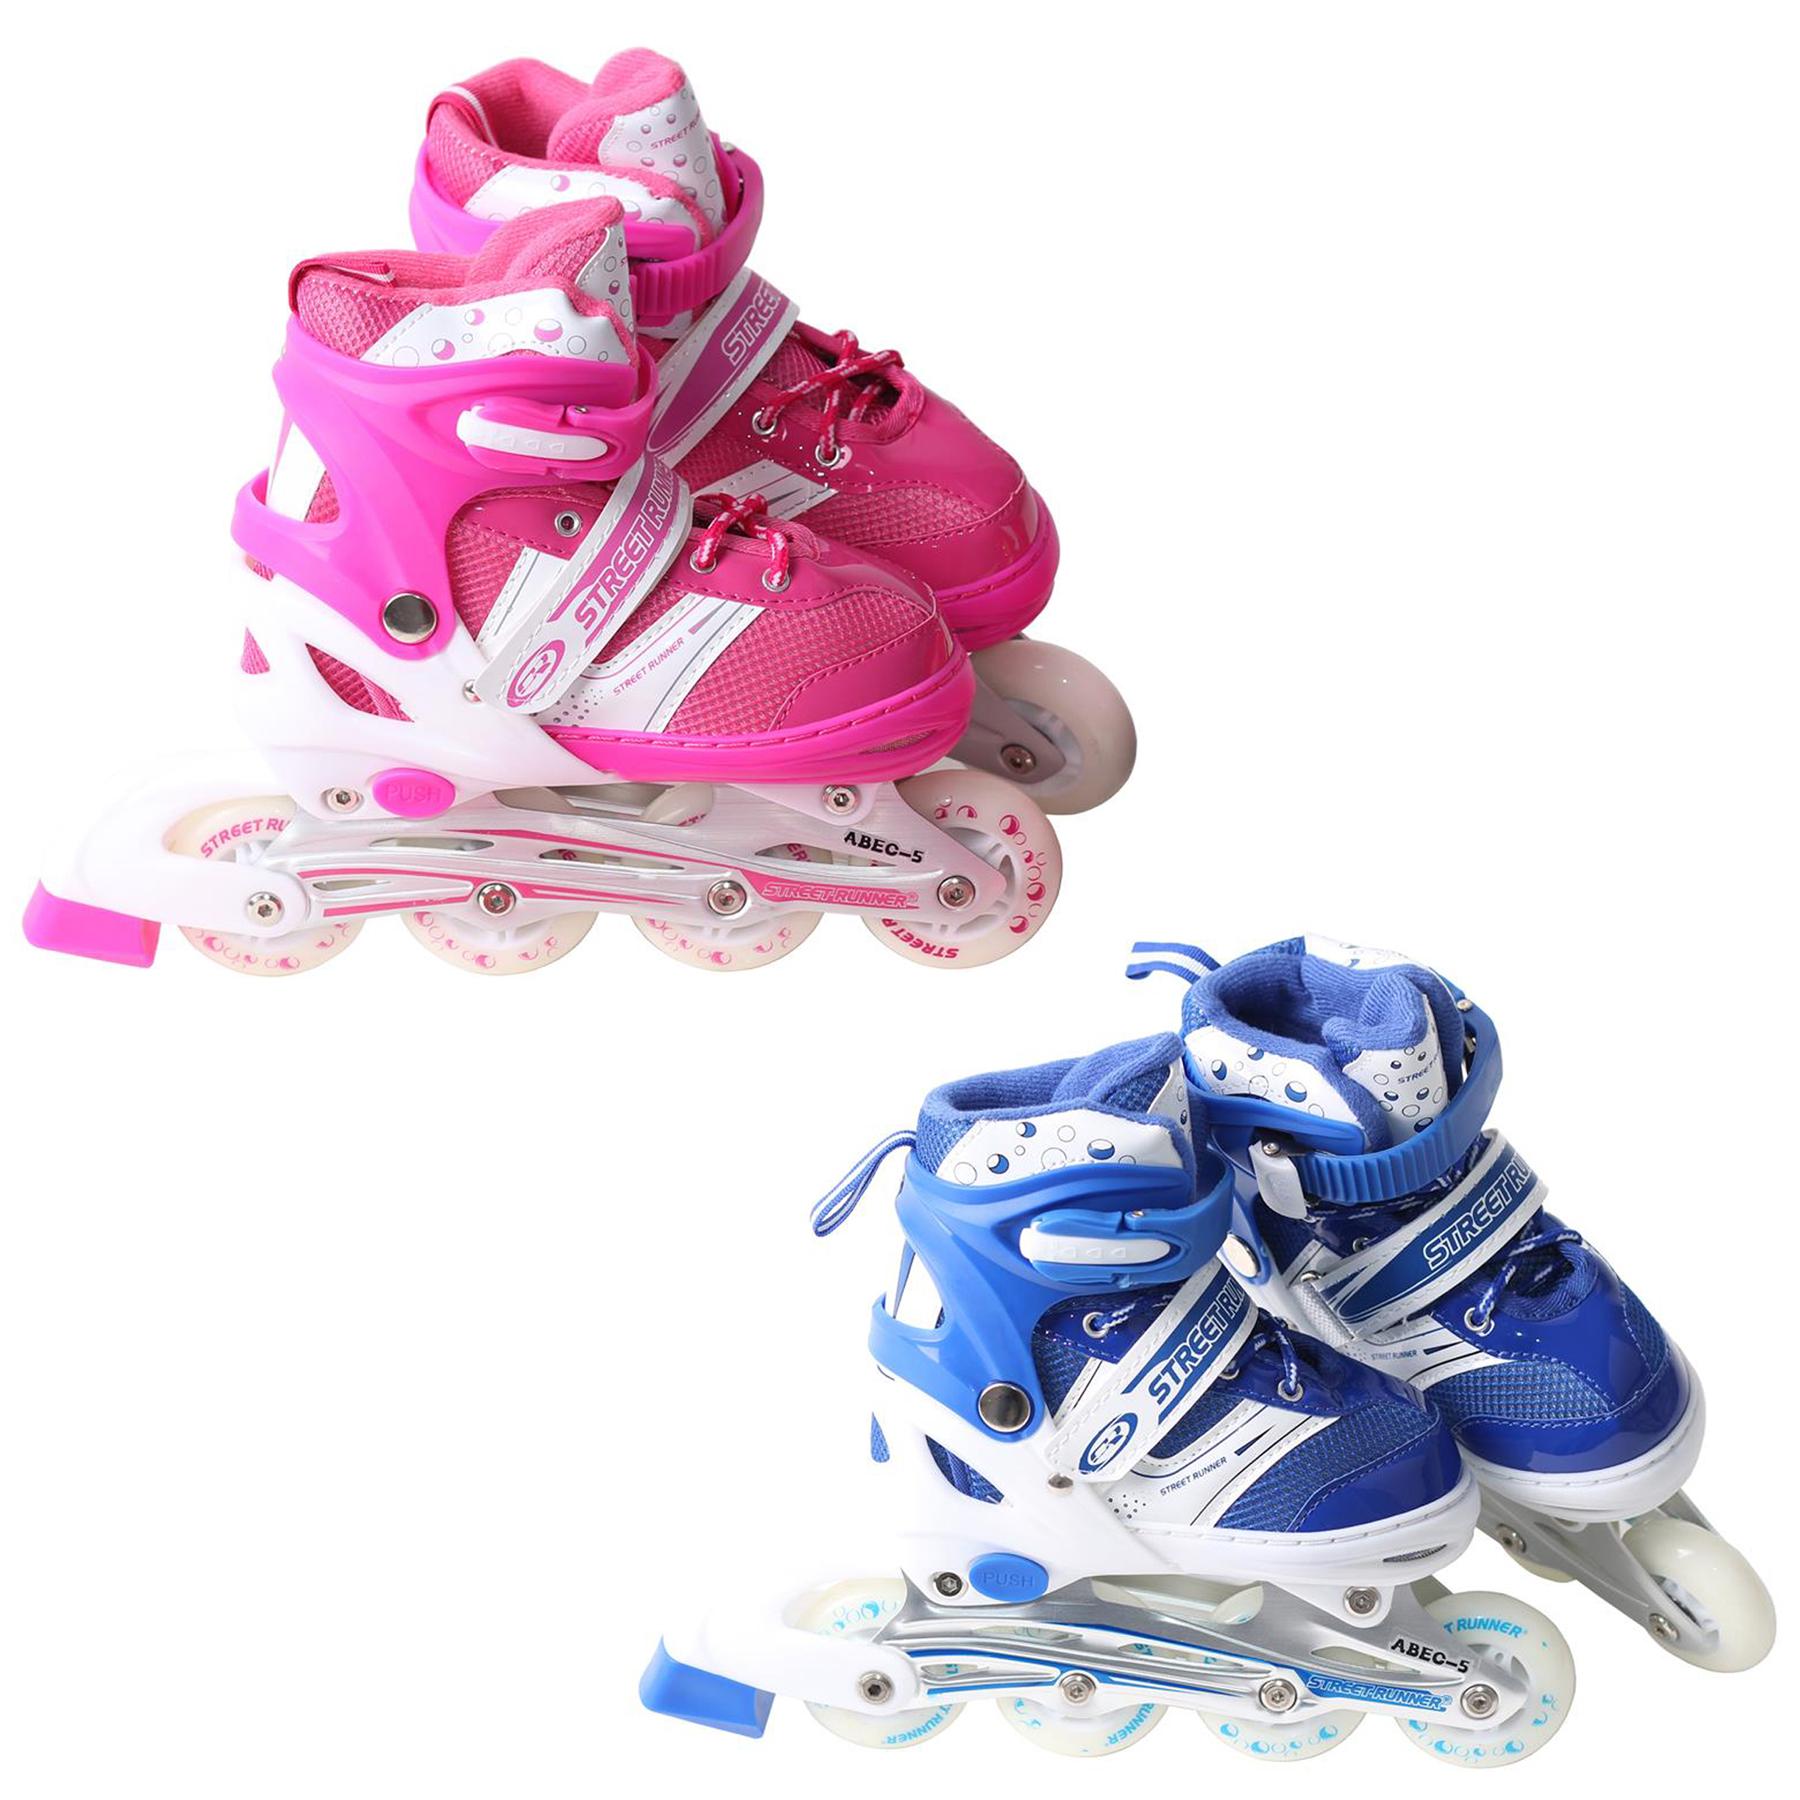 kinder inlineskates rollerblades skater rollschuhe. Black Bedroom Furniture Sets. Home Design Ideas